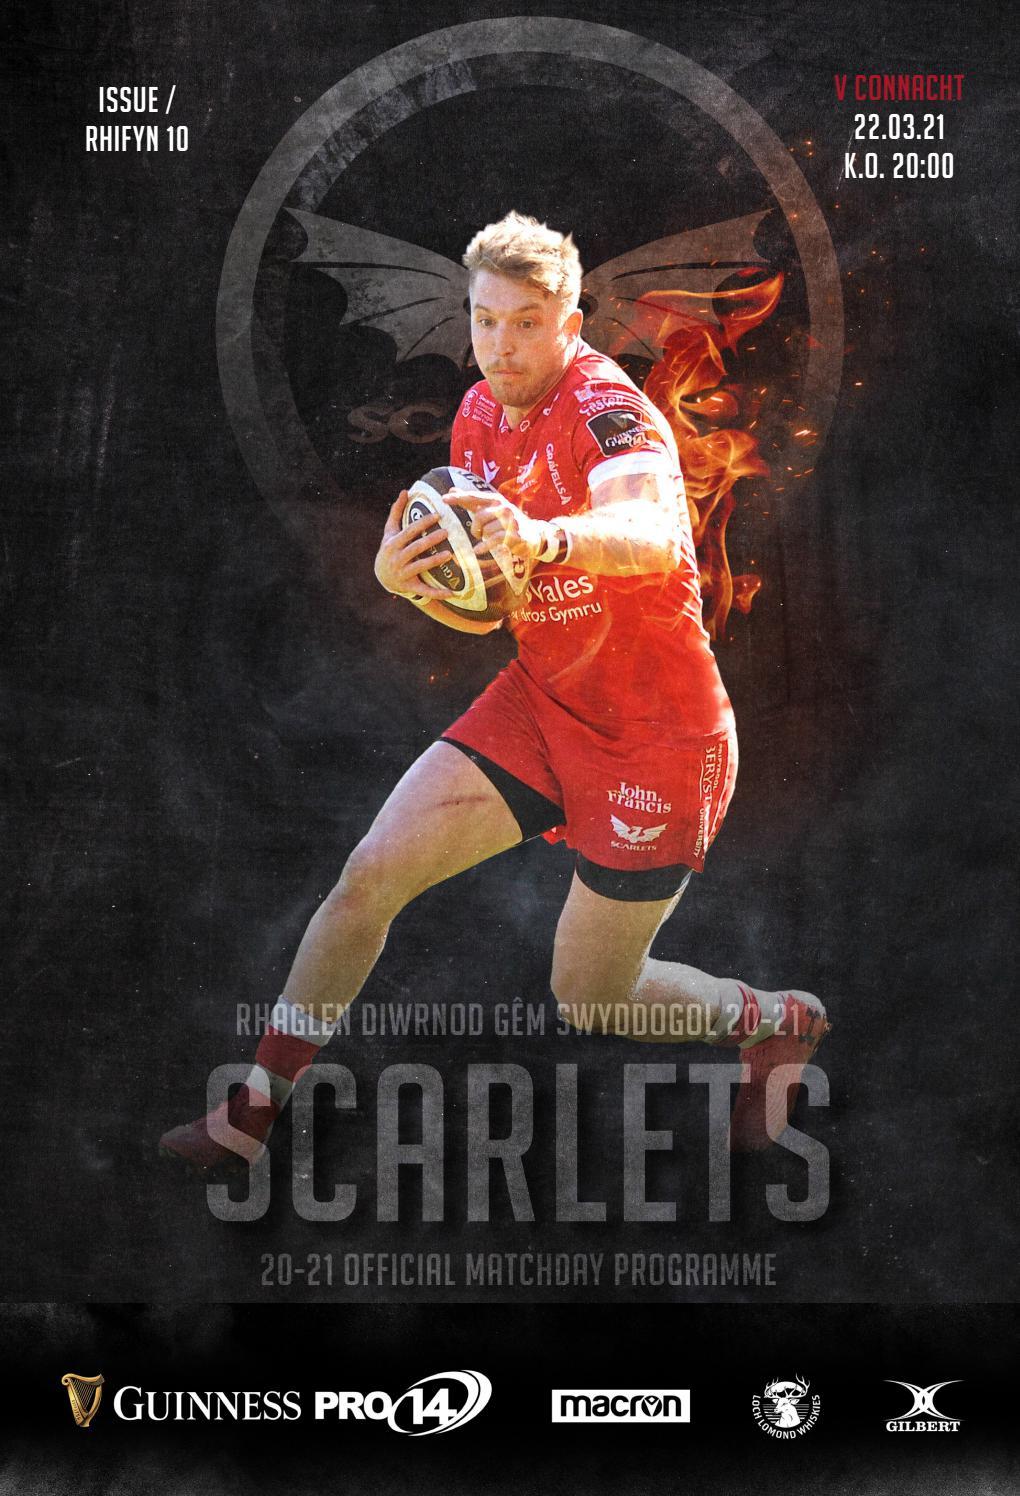 Scarlets v Connachht Matchday Program